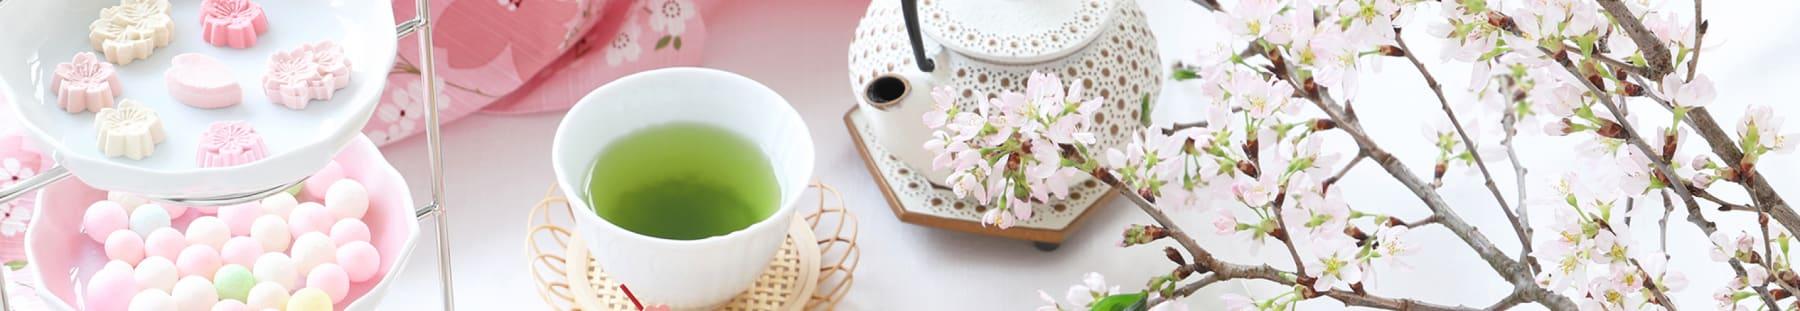 高田馬場駅の桜が綺麗なレンタルスペース